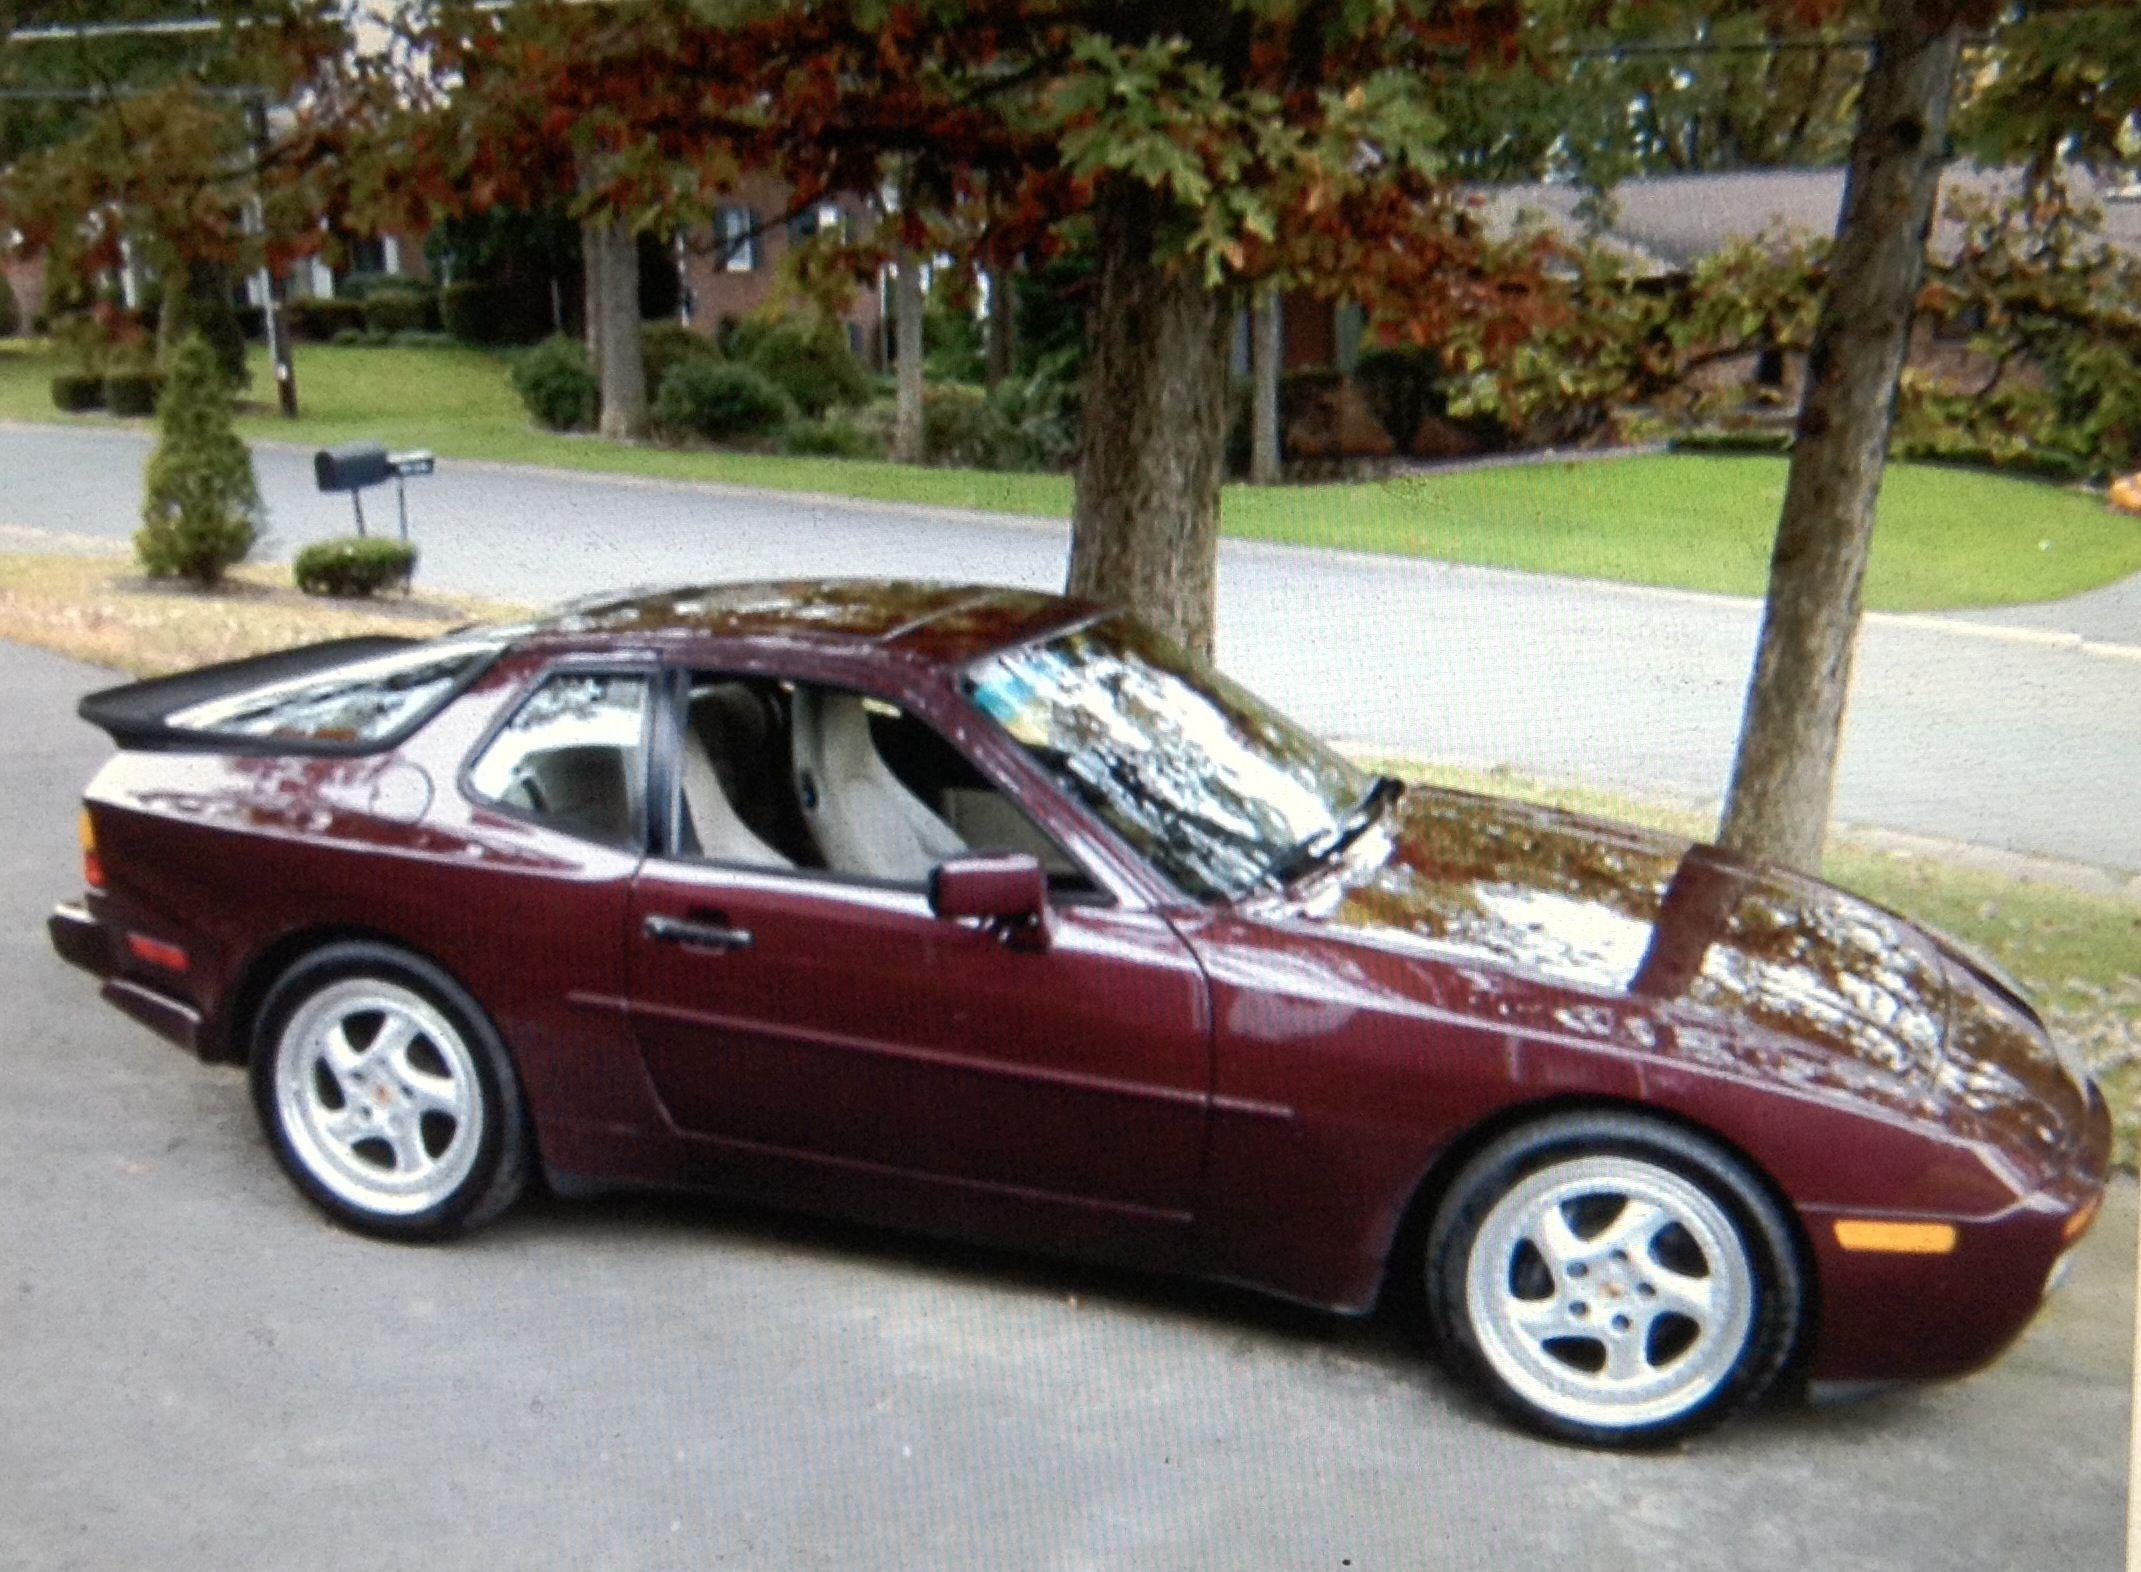 medium resolution of my 1988 porsche 944 turbo s my cars 5 fm porsche porsche 944 vacuum diagram sticker in engine bay for 944 na rennlist discussion